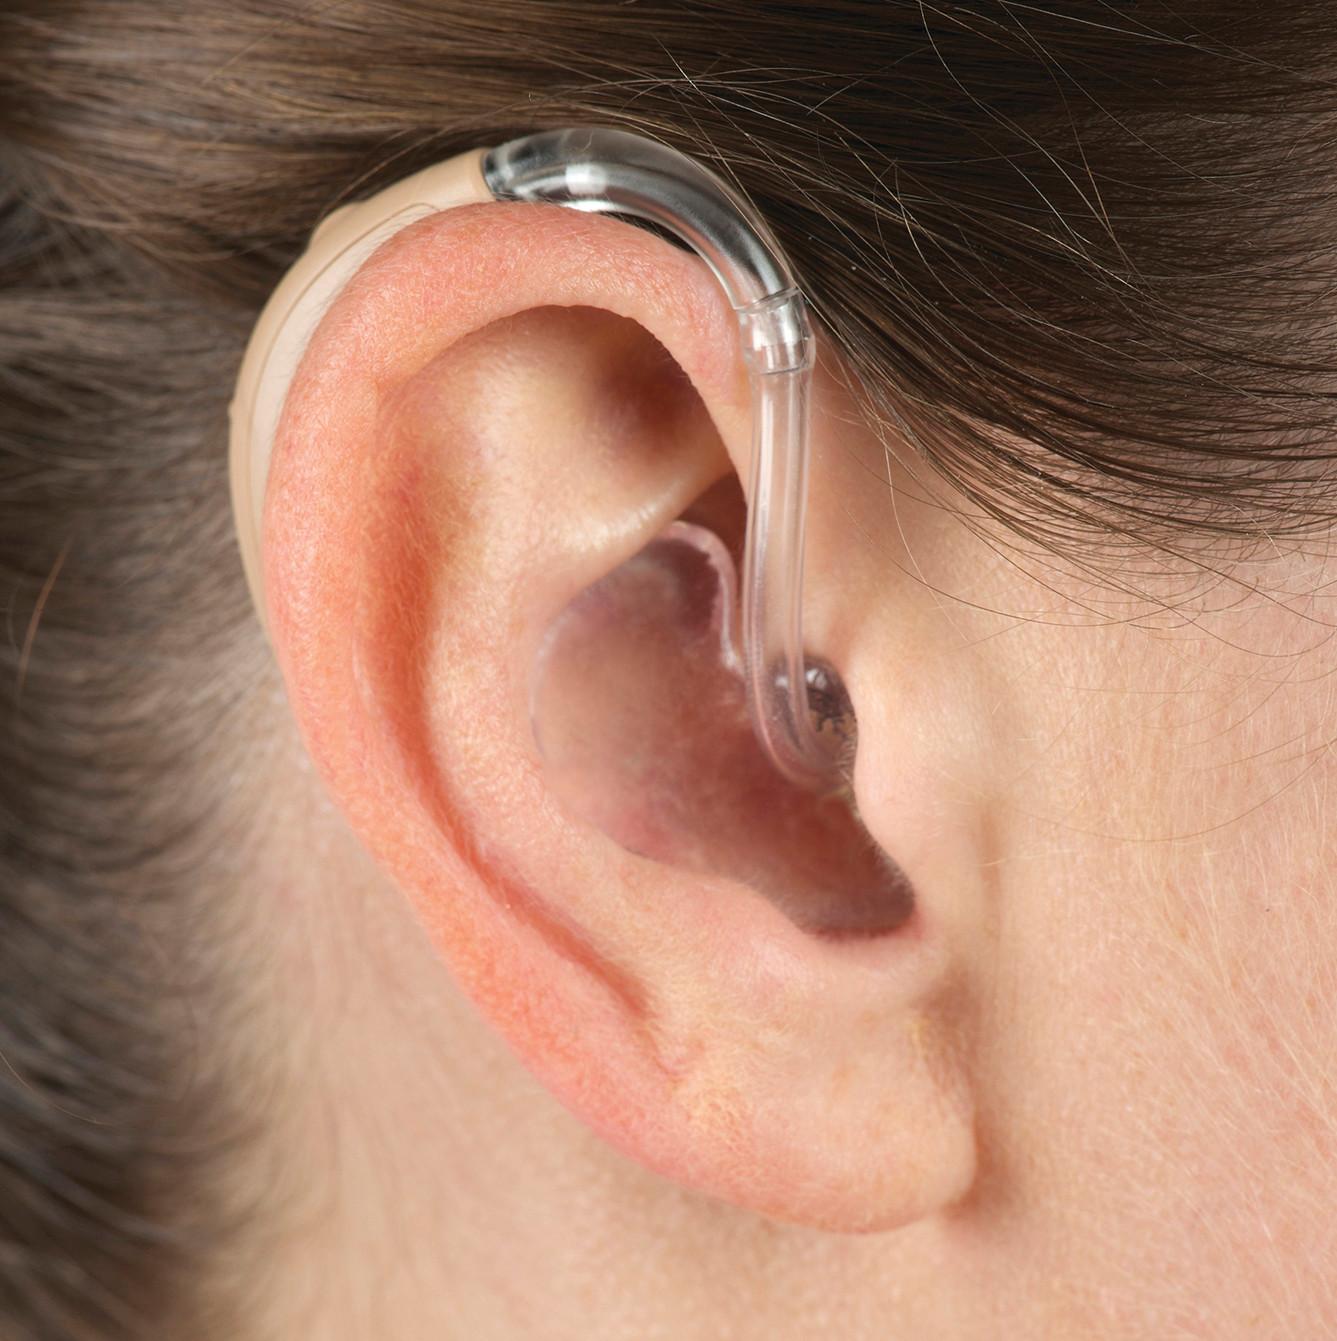 petite-adjudie-hearing-big-tits-merilyn